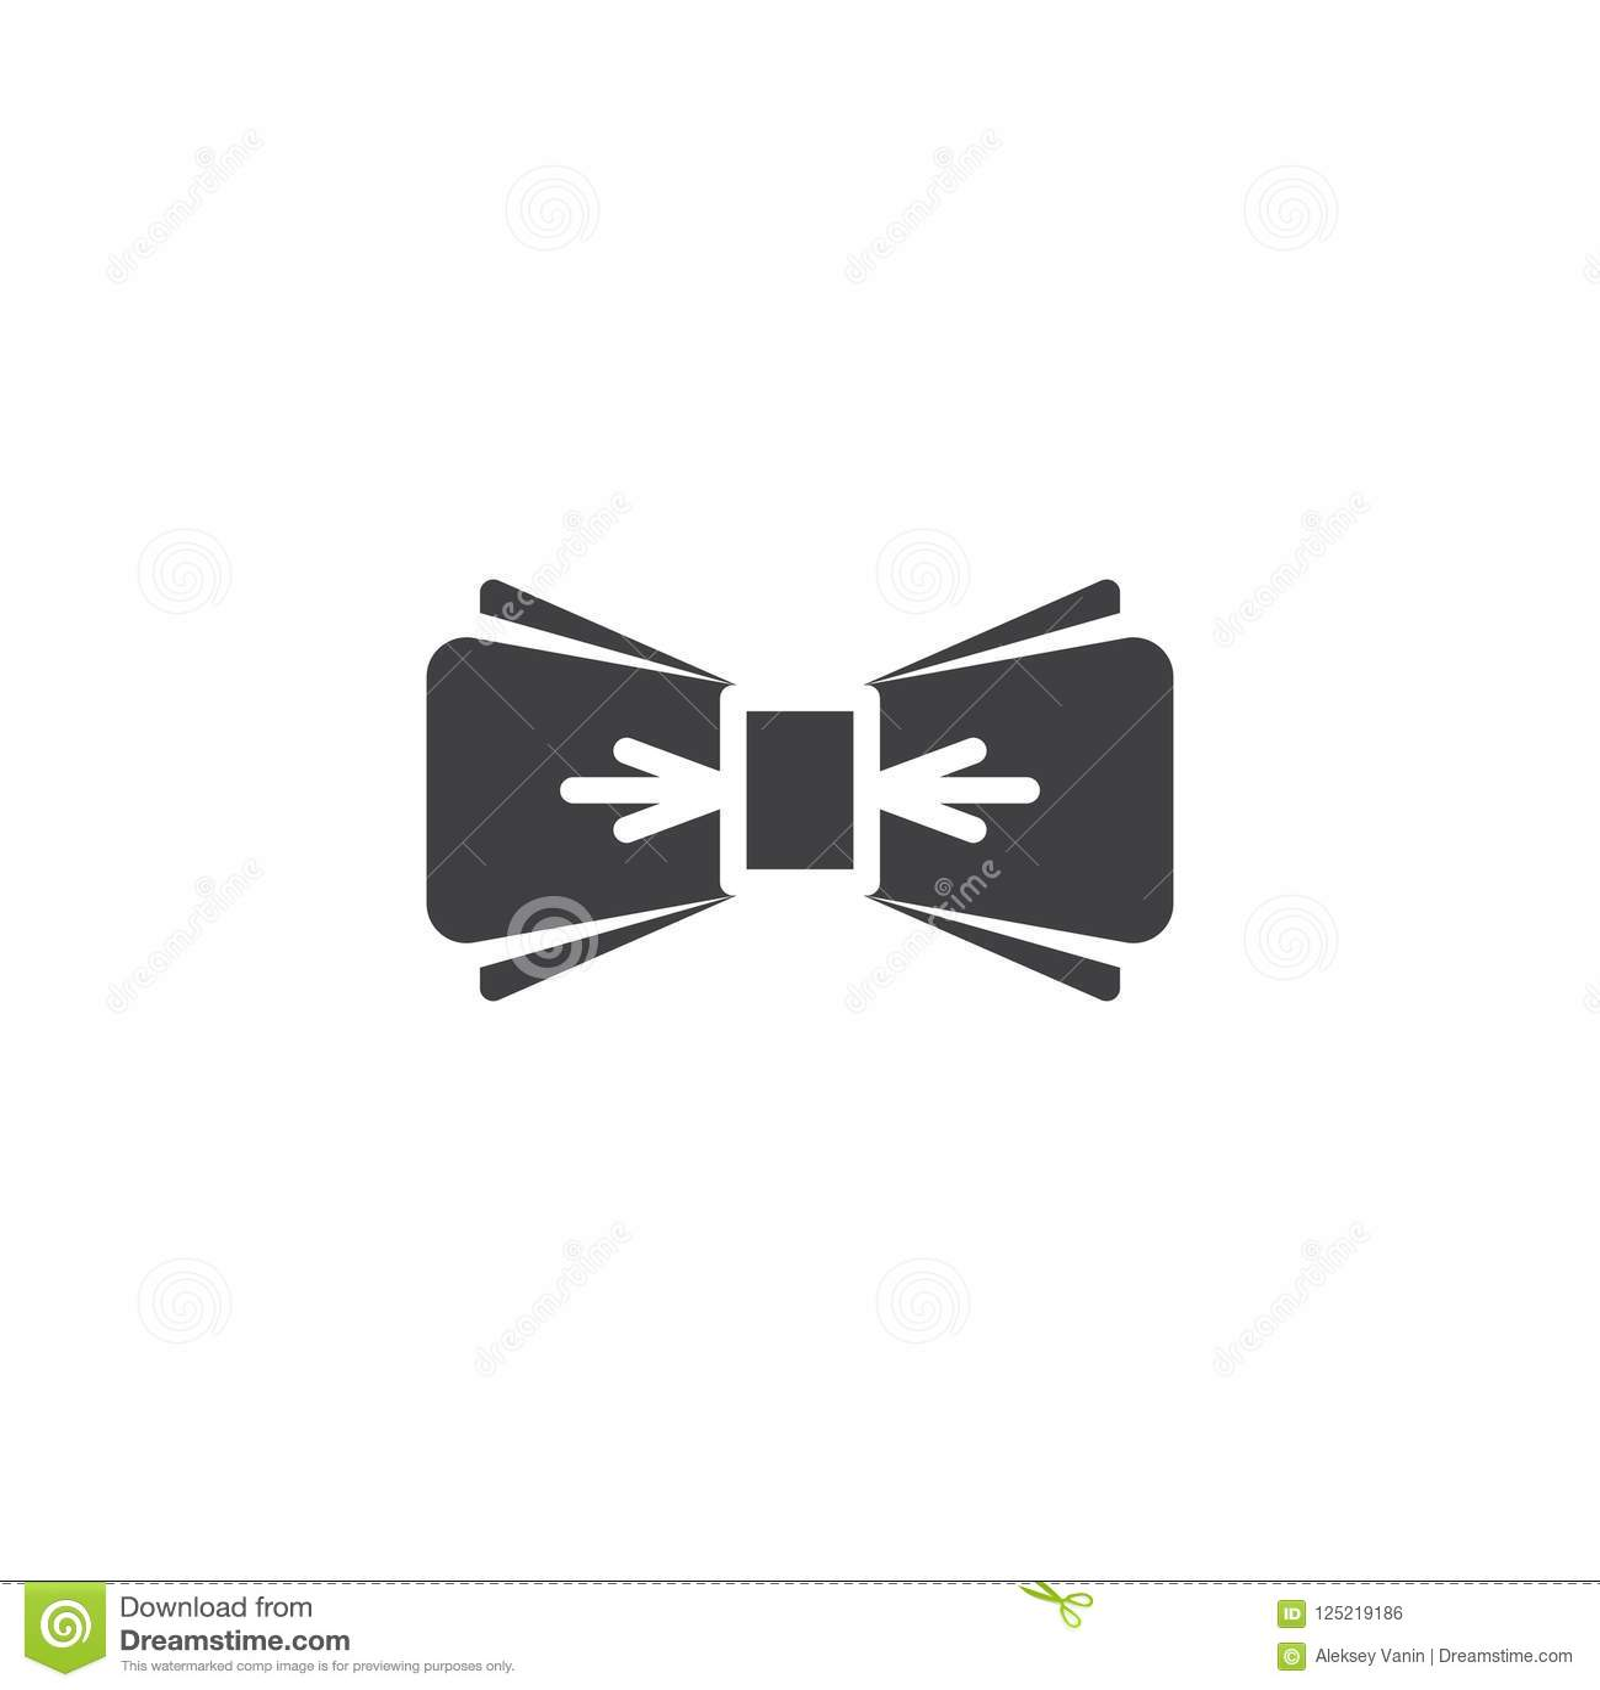 Bowtie Symbol Topsimages